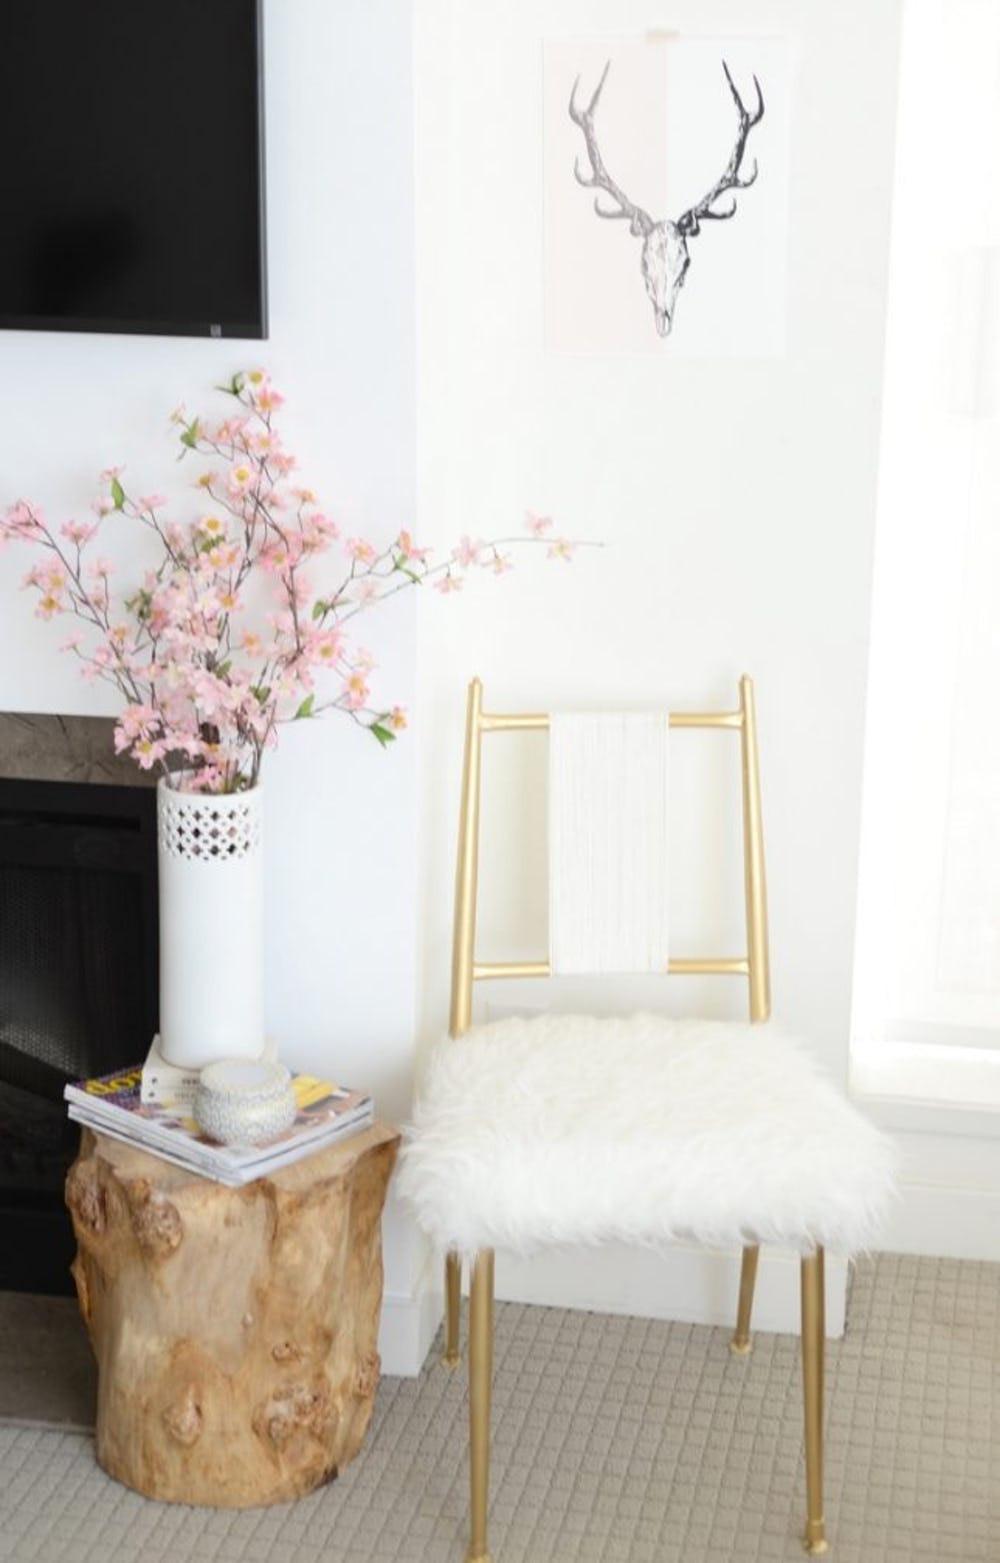 استخدام الفرو في الديكور - كرسي من الفرو